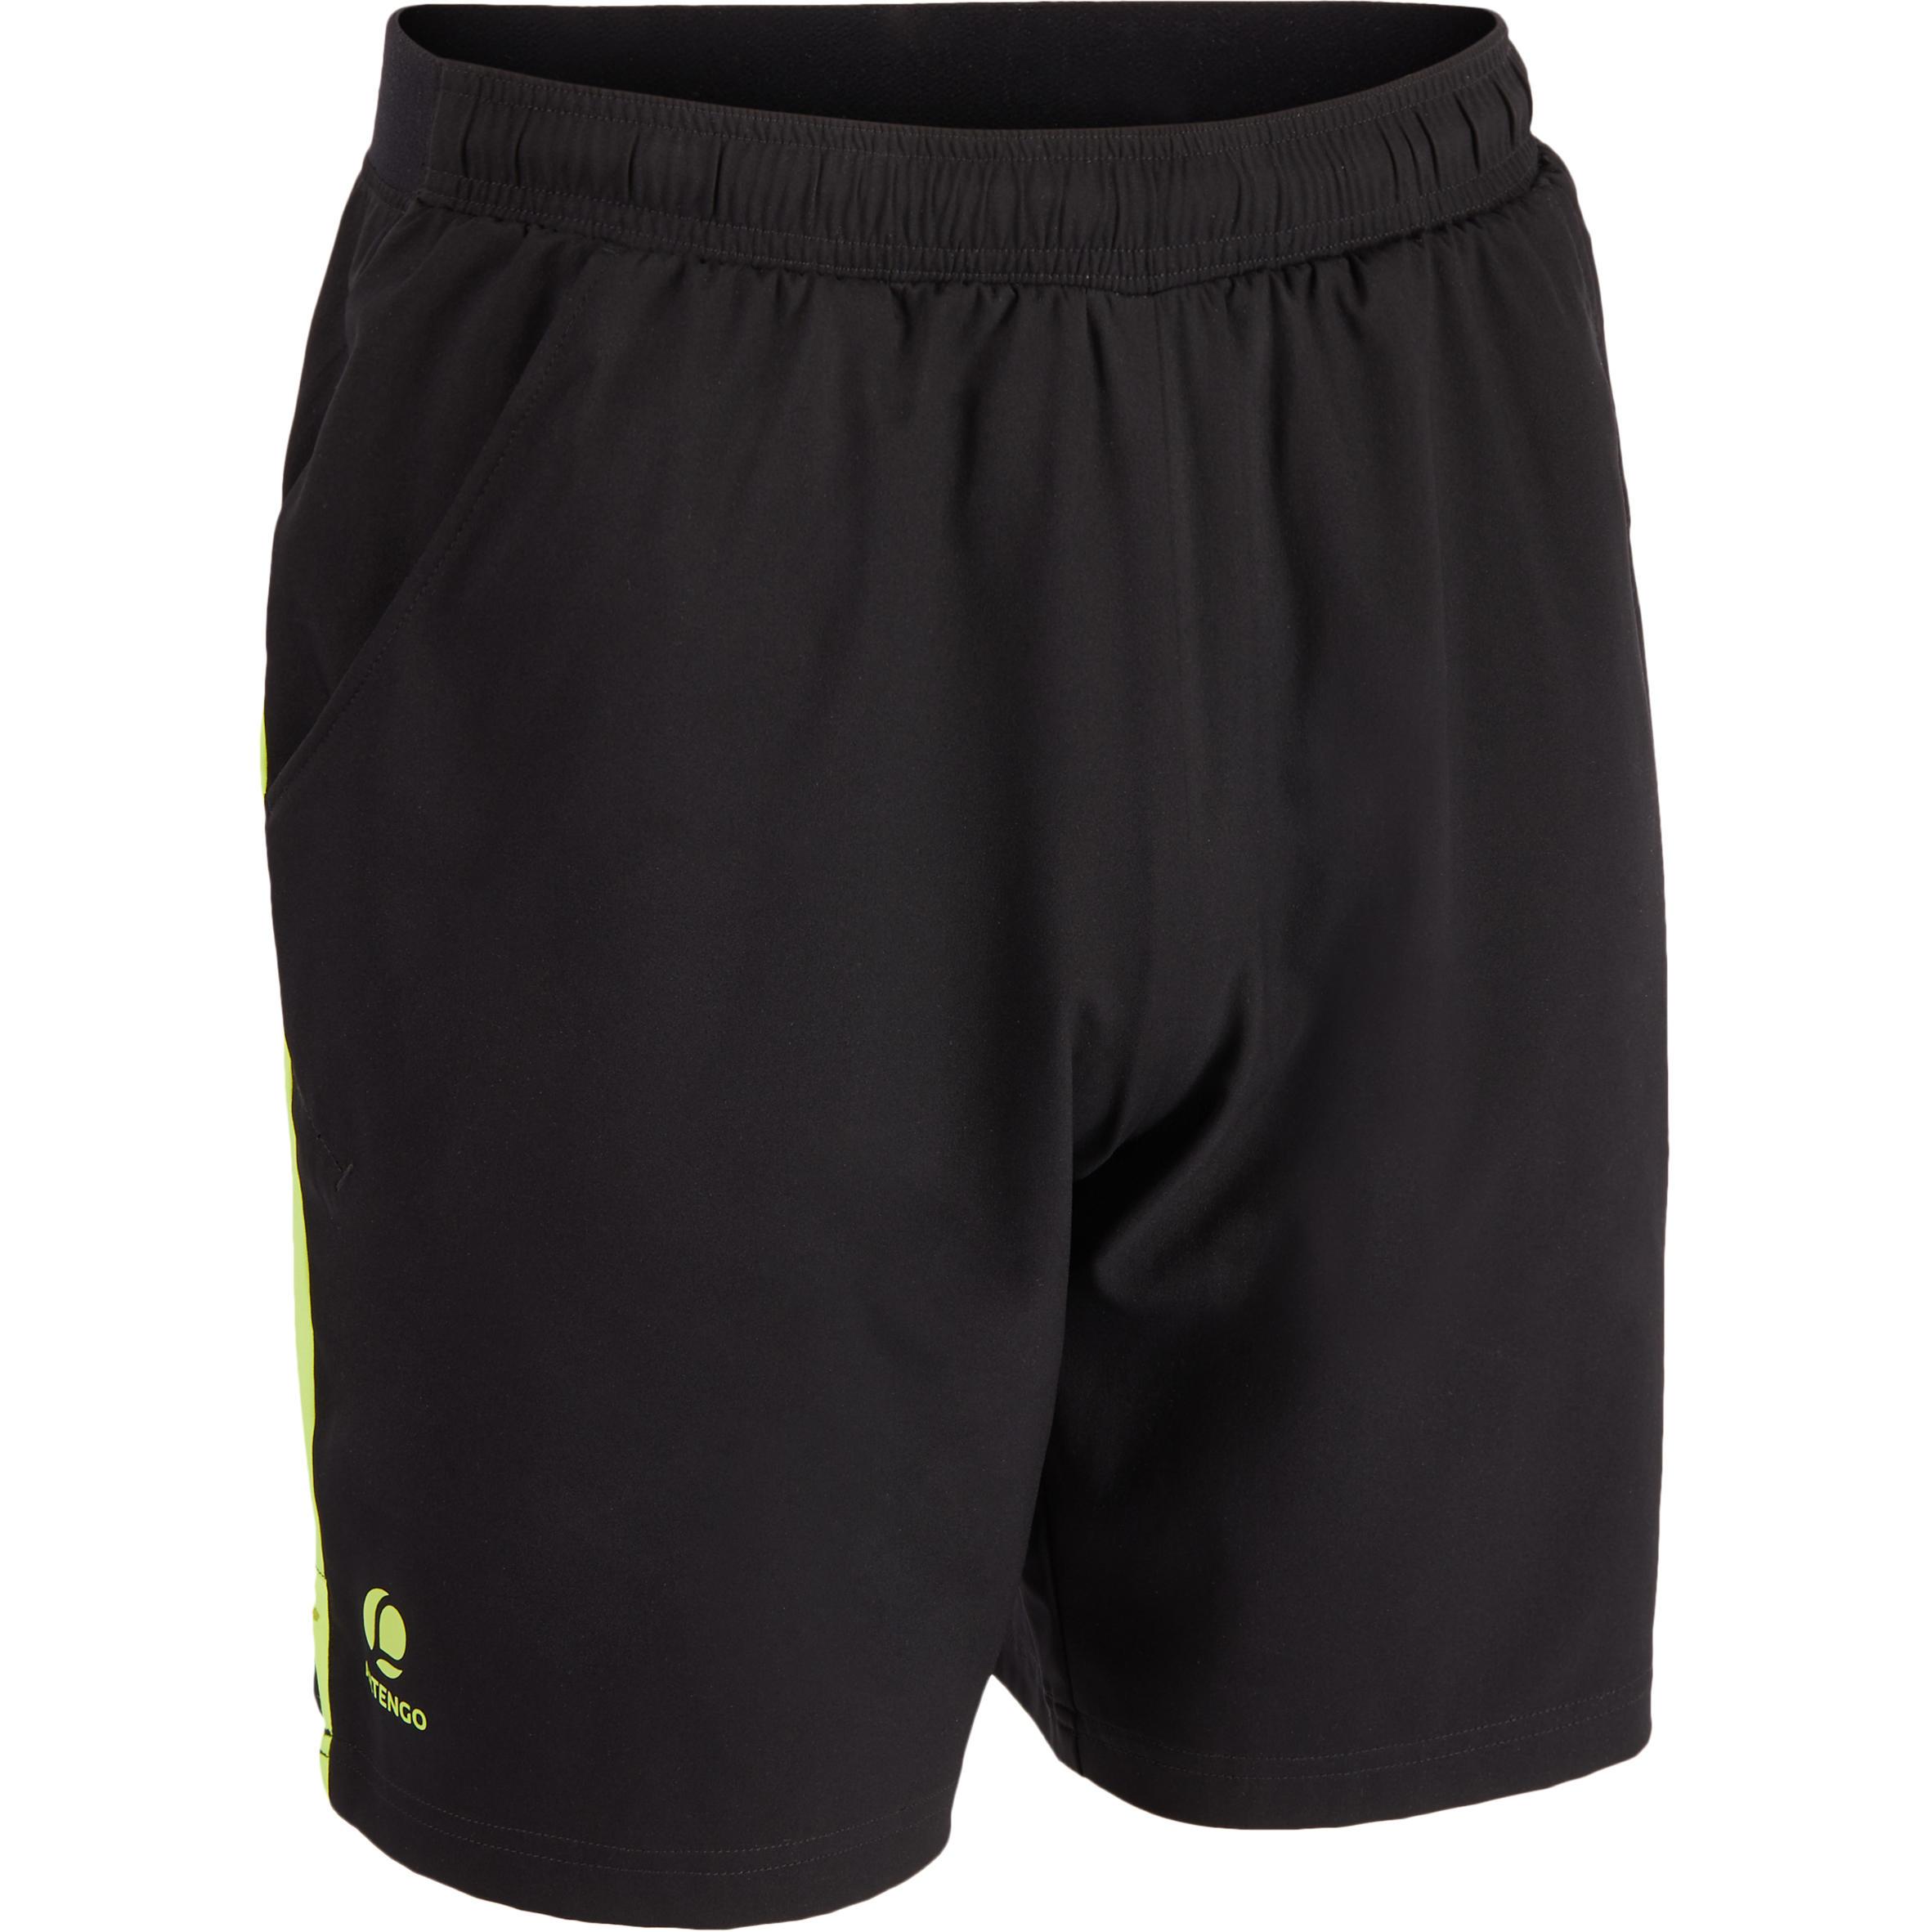 Artengo Tennisshort heren Dry 500 zwart/geel